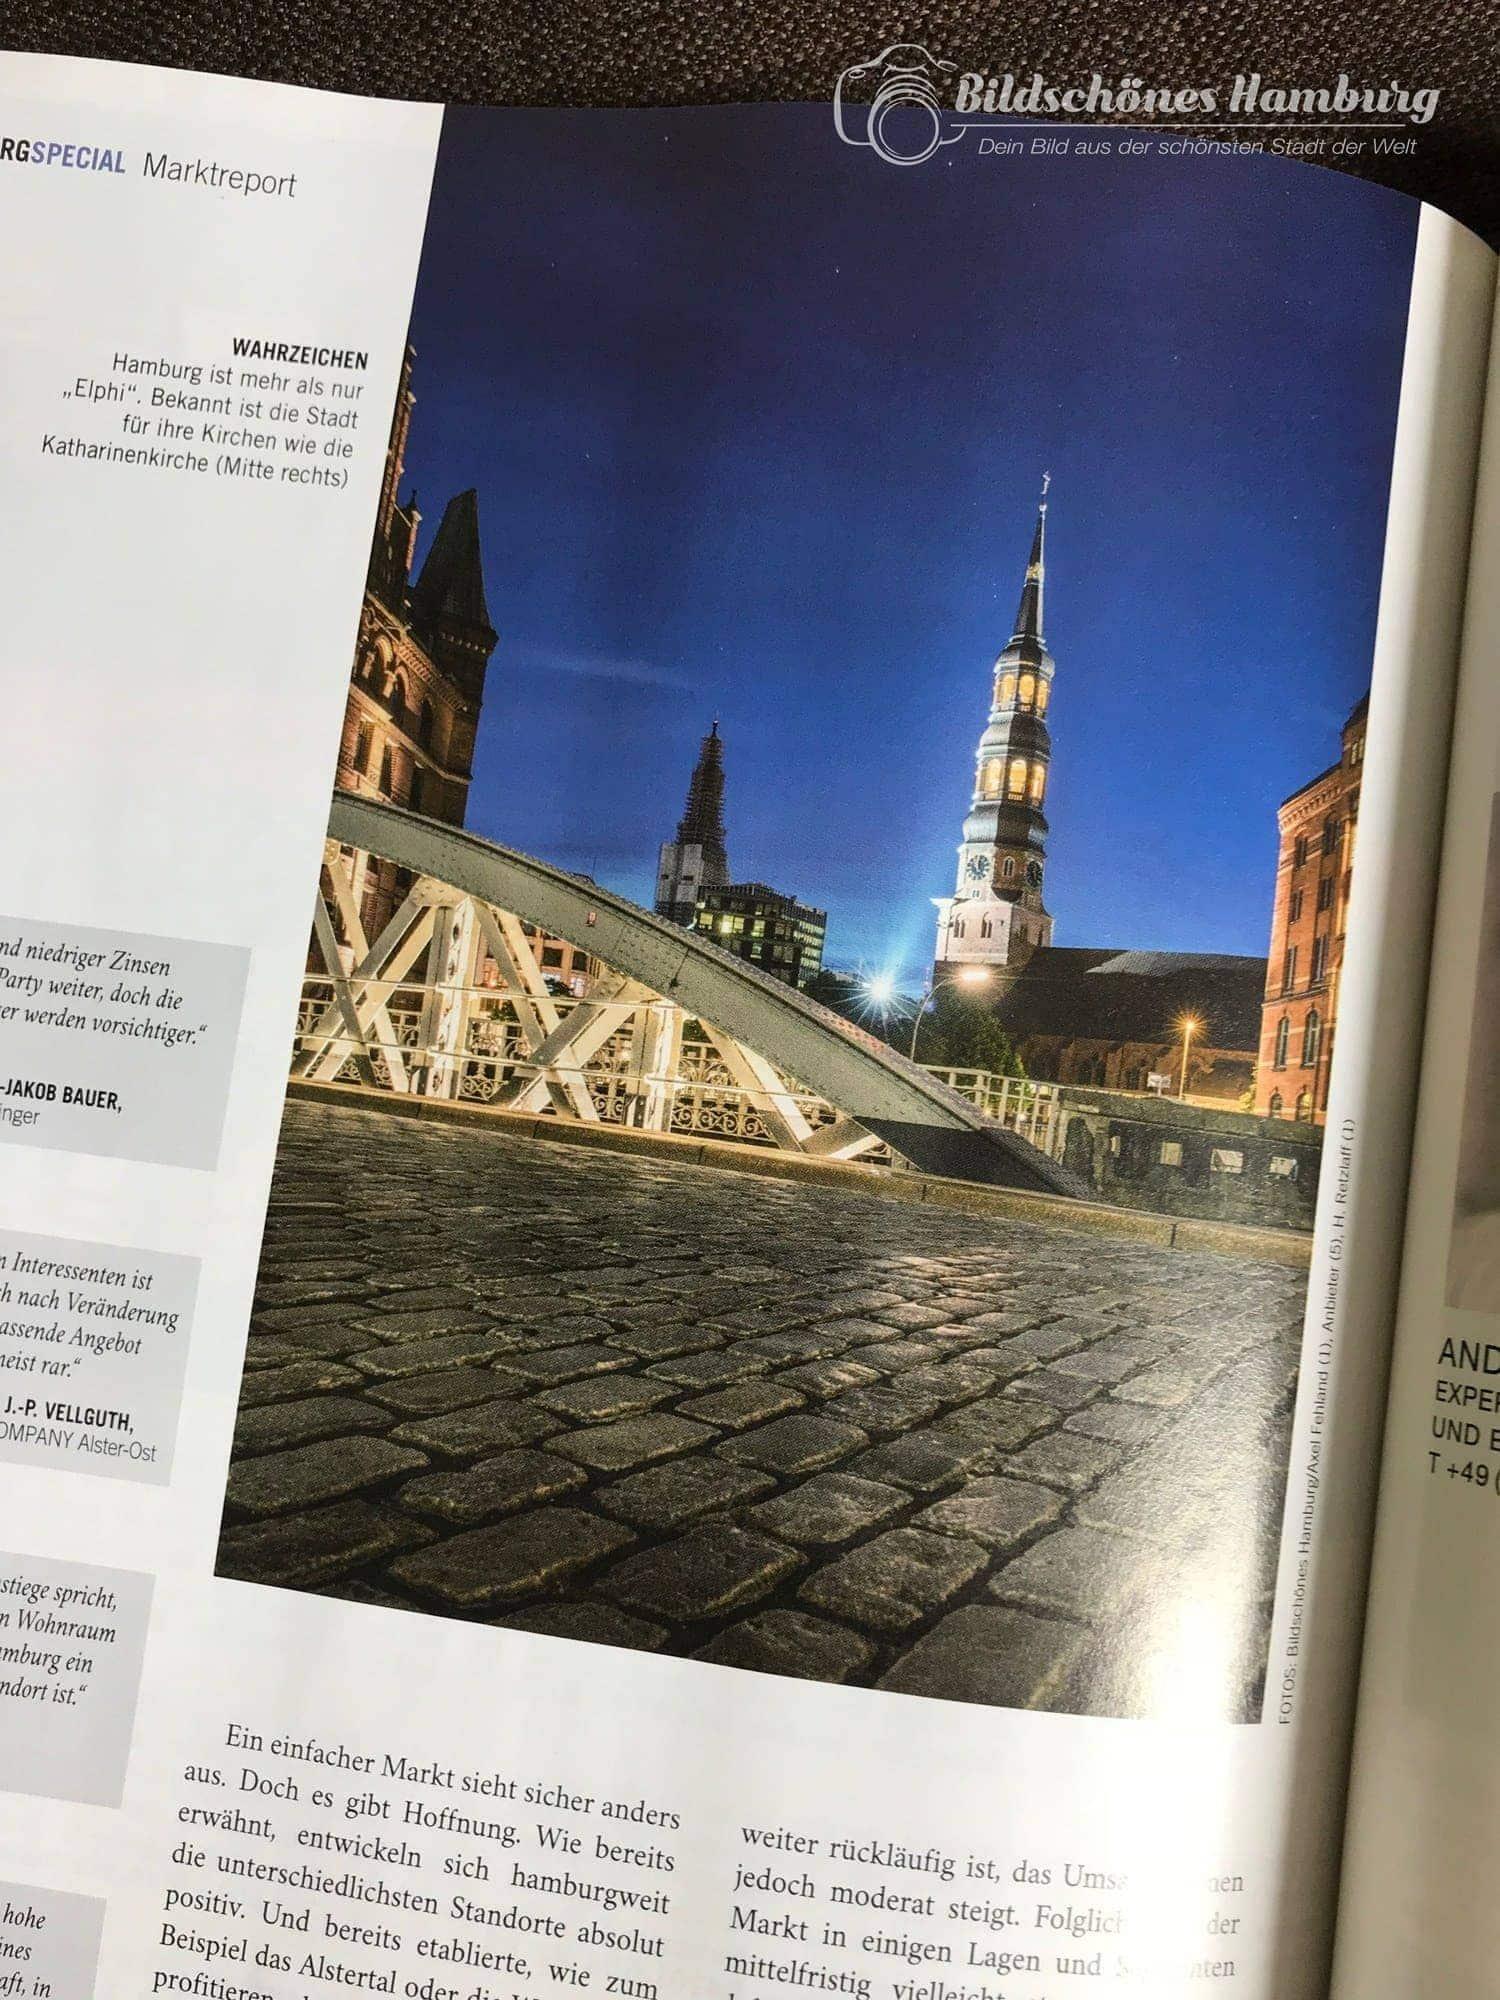 Hamburg-Foto-Nutzungsrecht-Zeitschriften-IMG_5571